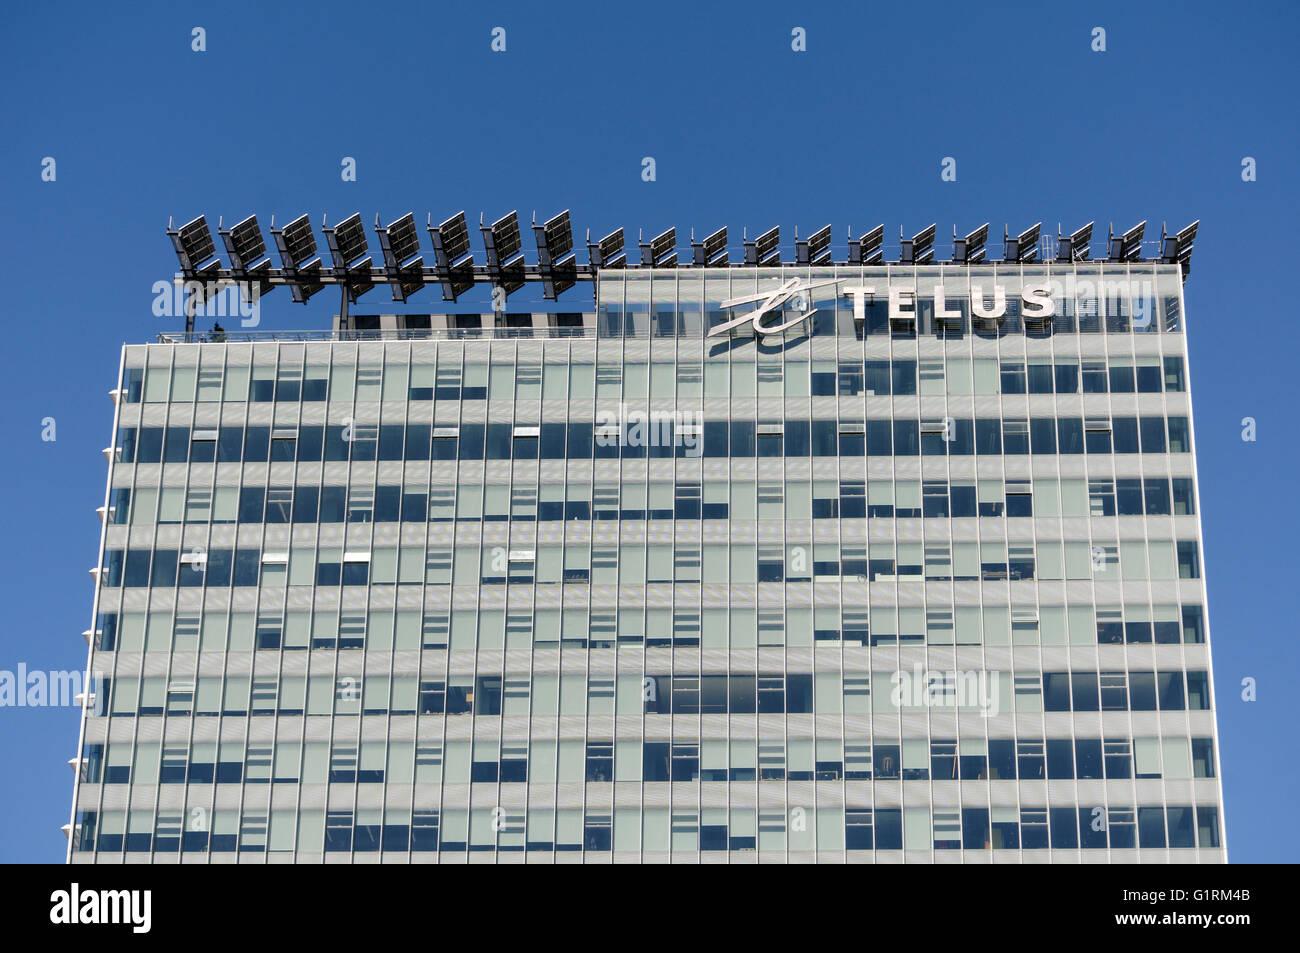 TELUS Garden torre de oficinas mostrando los paneles solares en la azotea en el centro de Vancouver, BC, Canadá Imagen De Stock